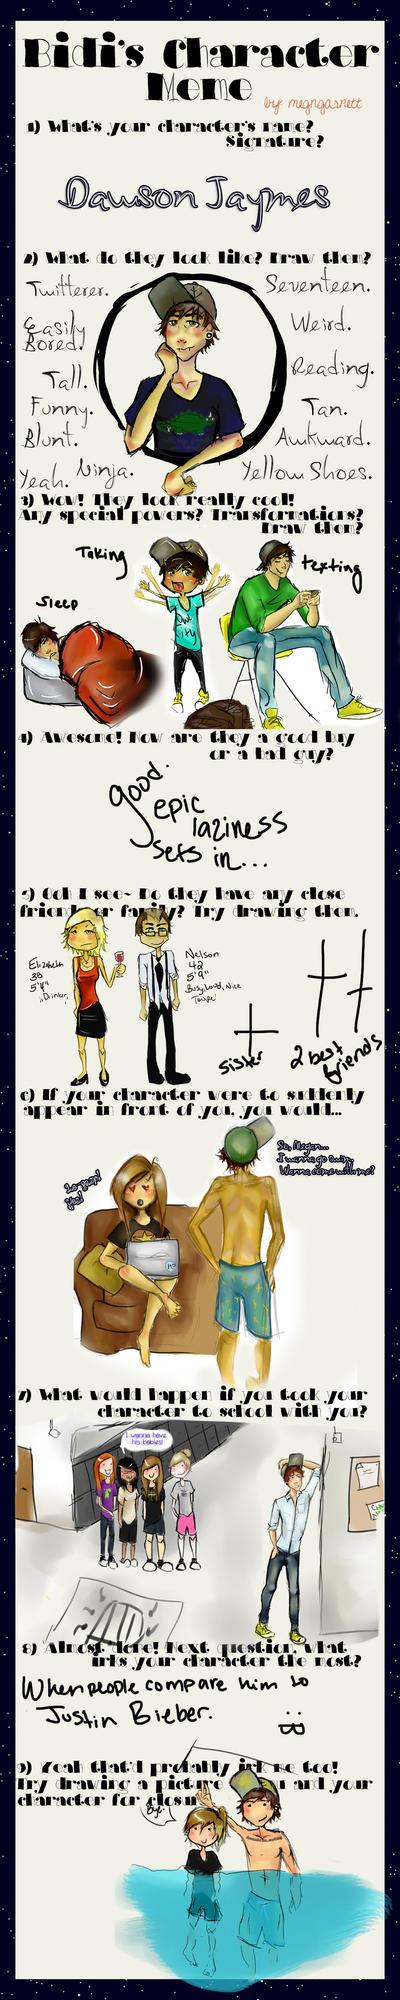 Character Meme - Dawson by megngarnett